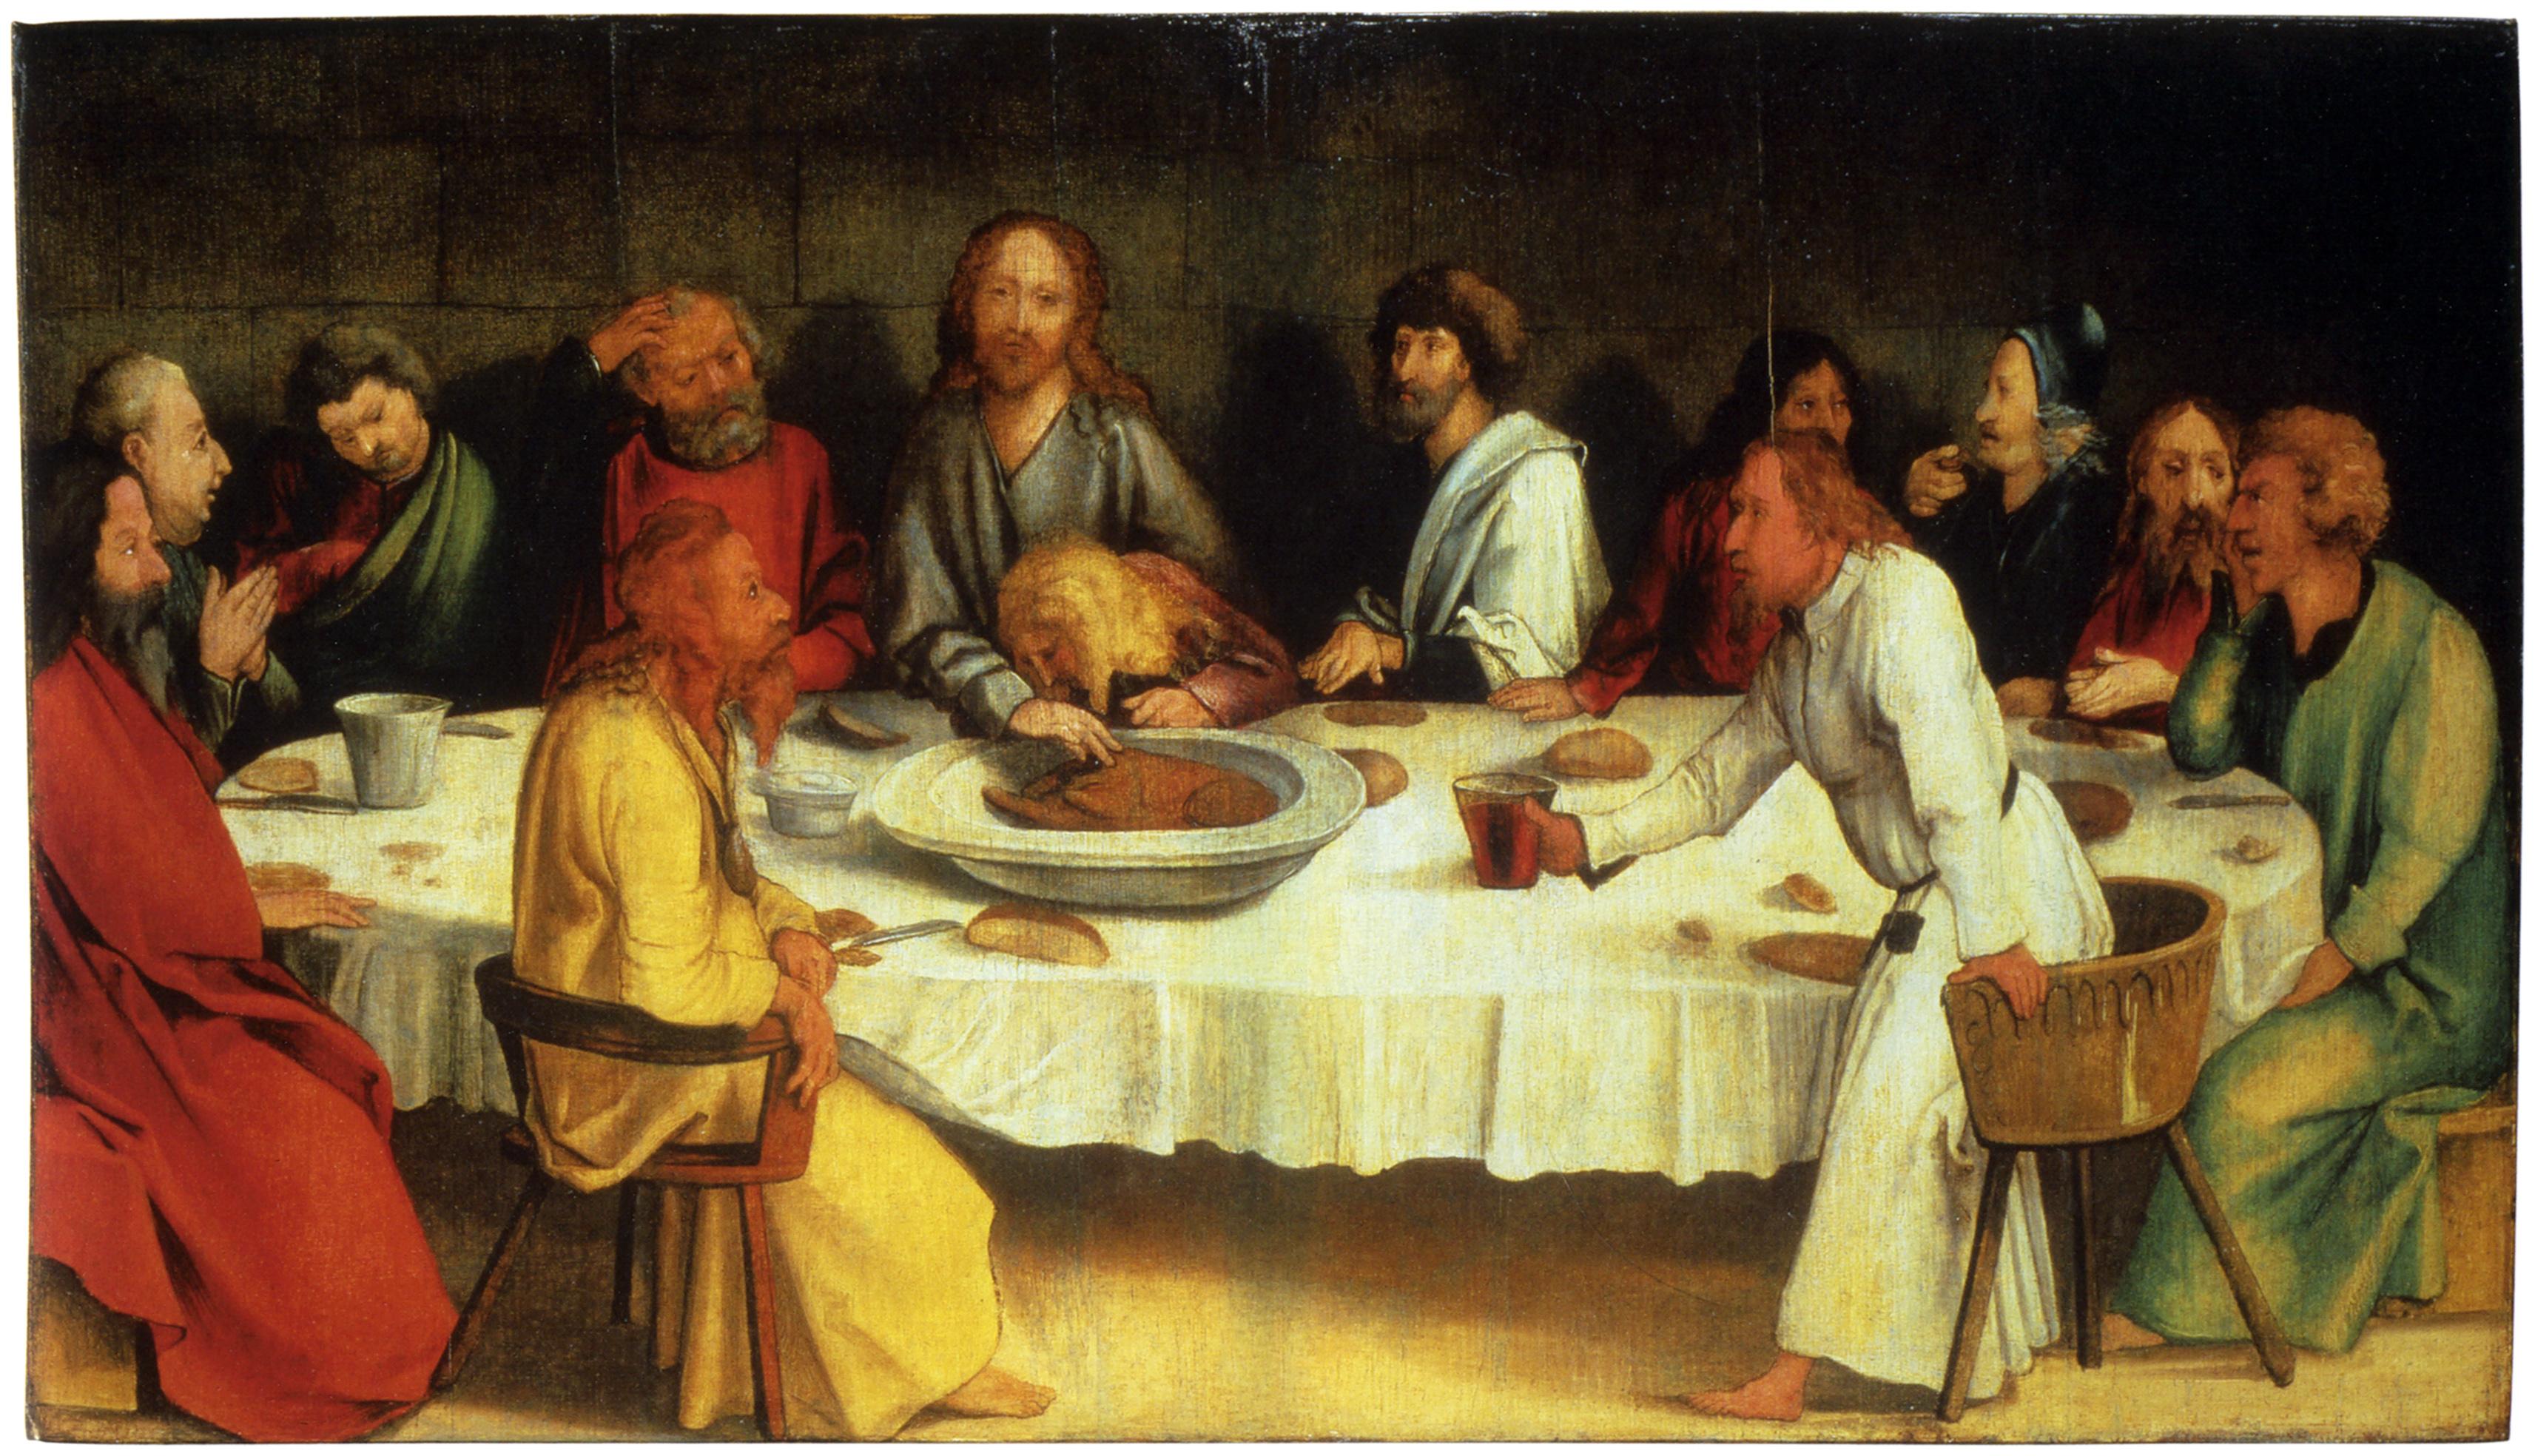 Matthias Gruenewald-Coburger Tafel-Abendmahl.jpg